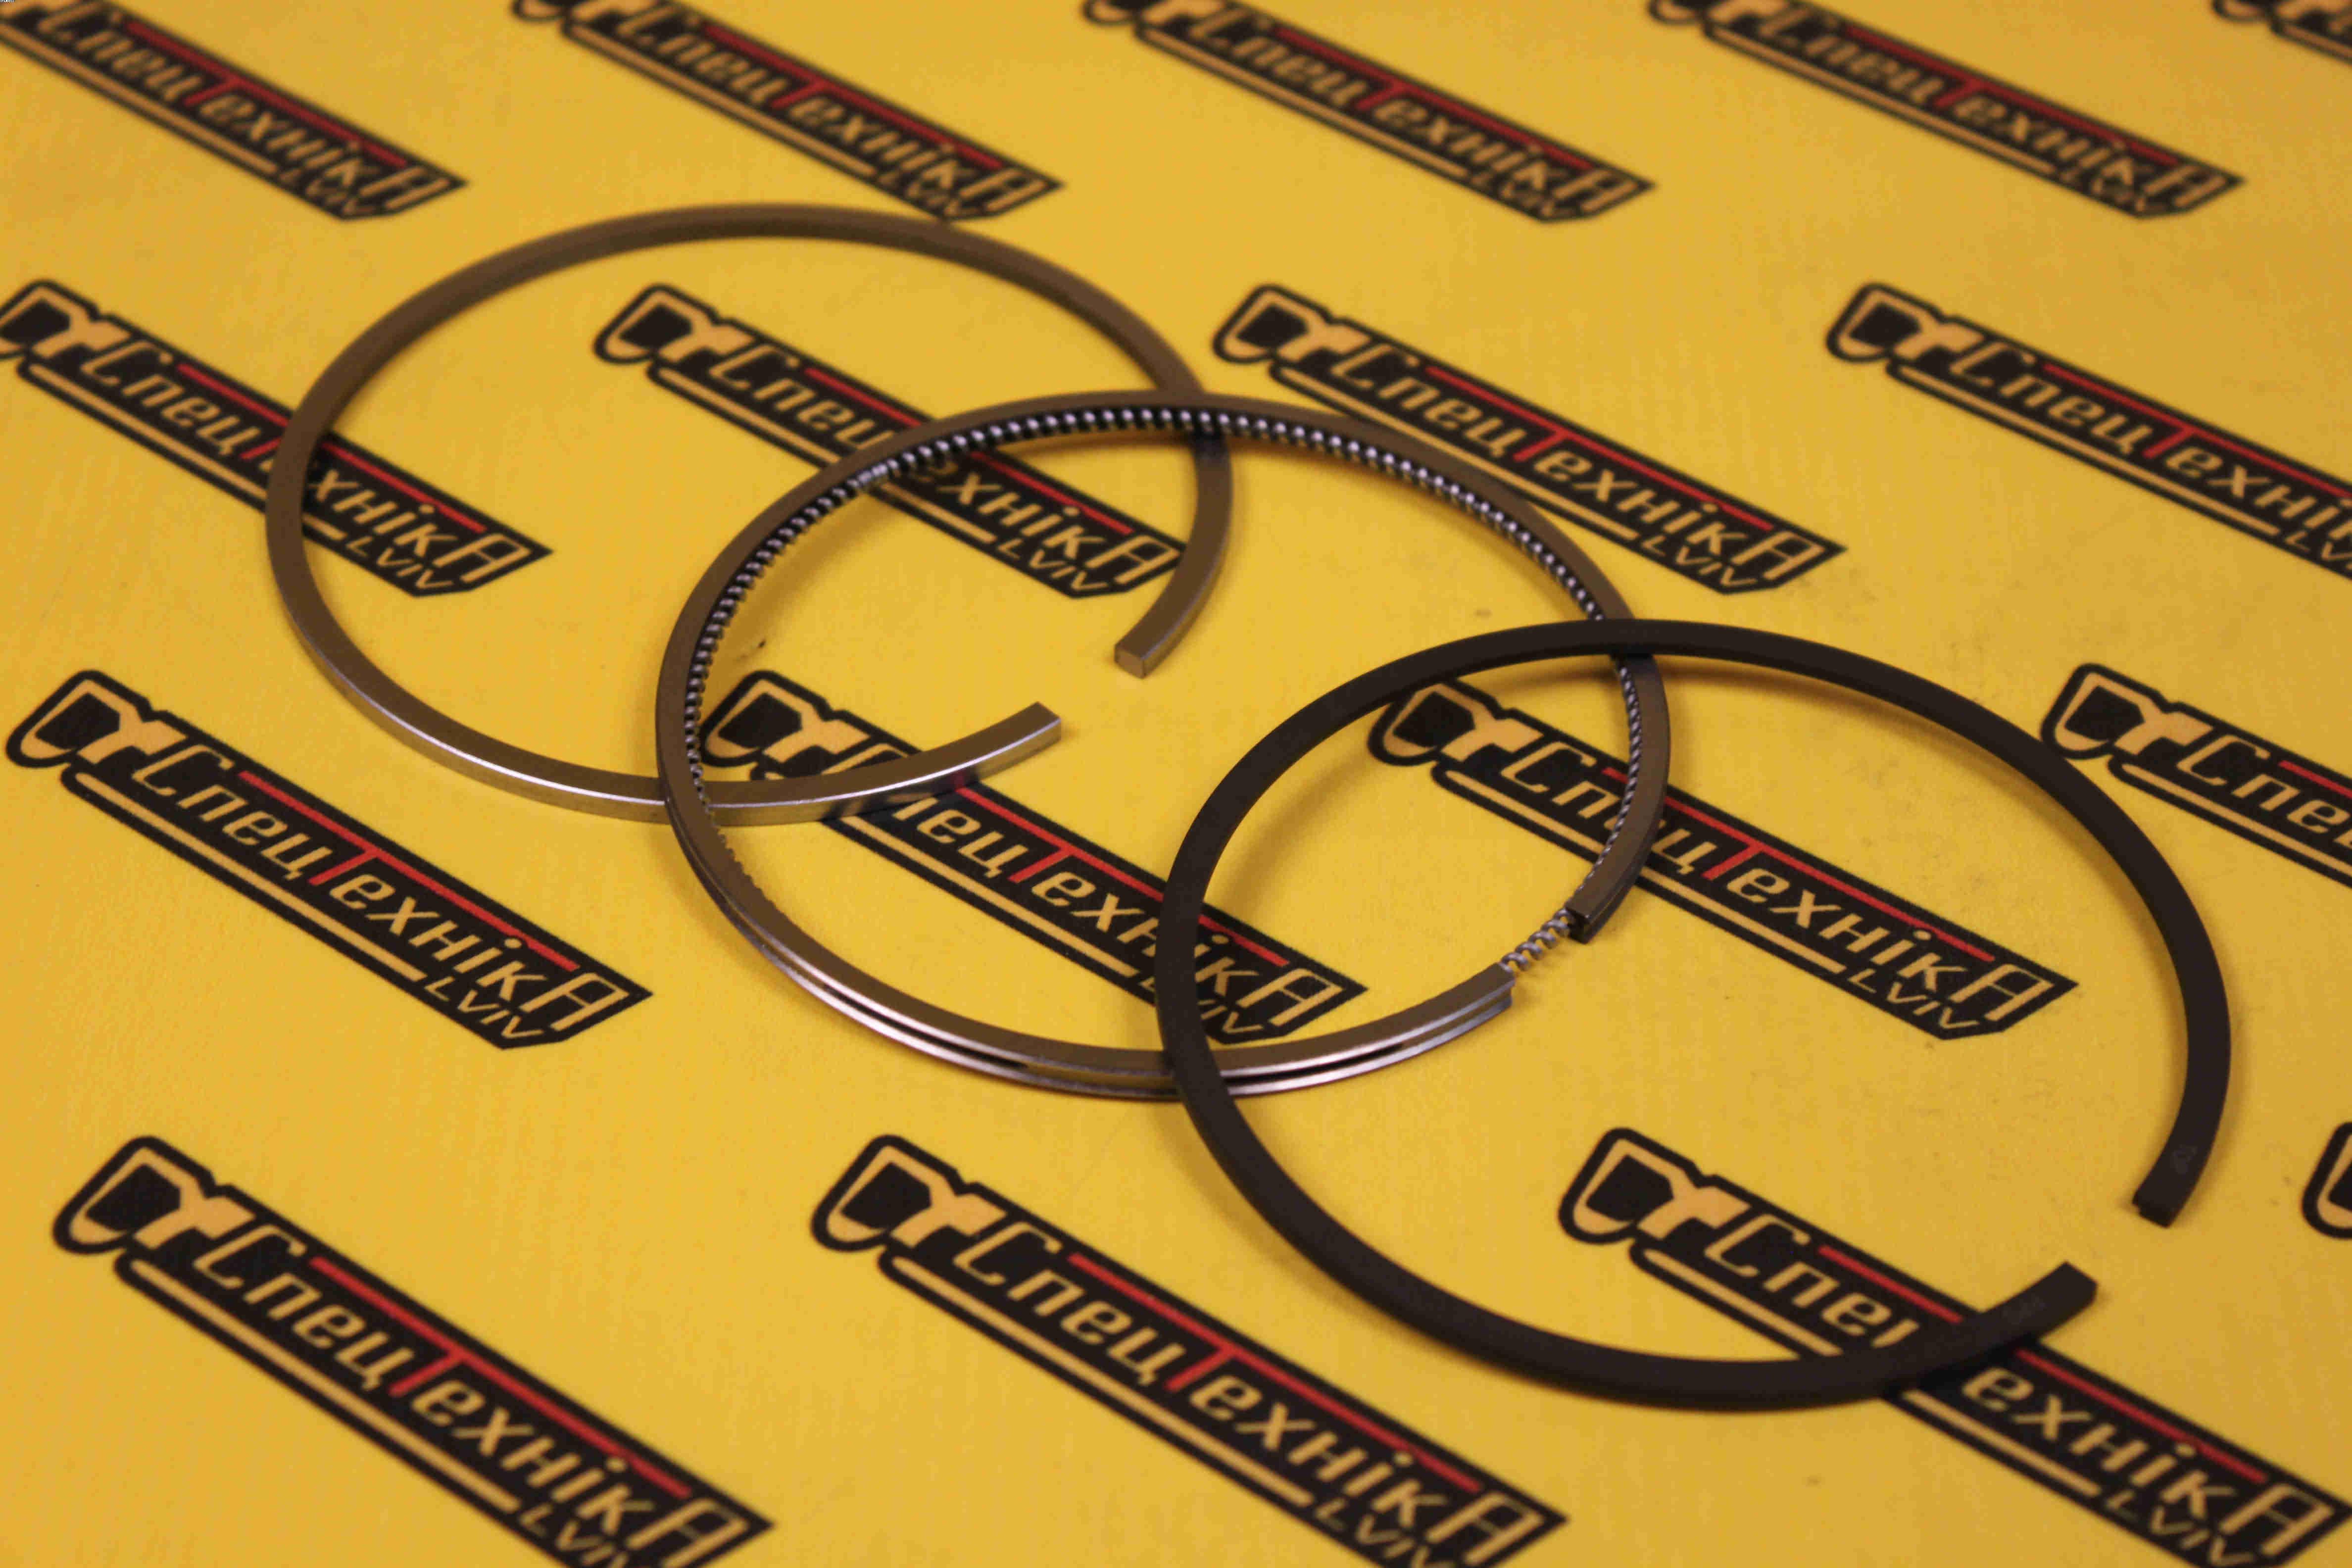 Фото №2 - Поршневые кольца JCB 444 - 103 мм +0.50 320/09213(050)